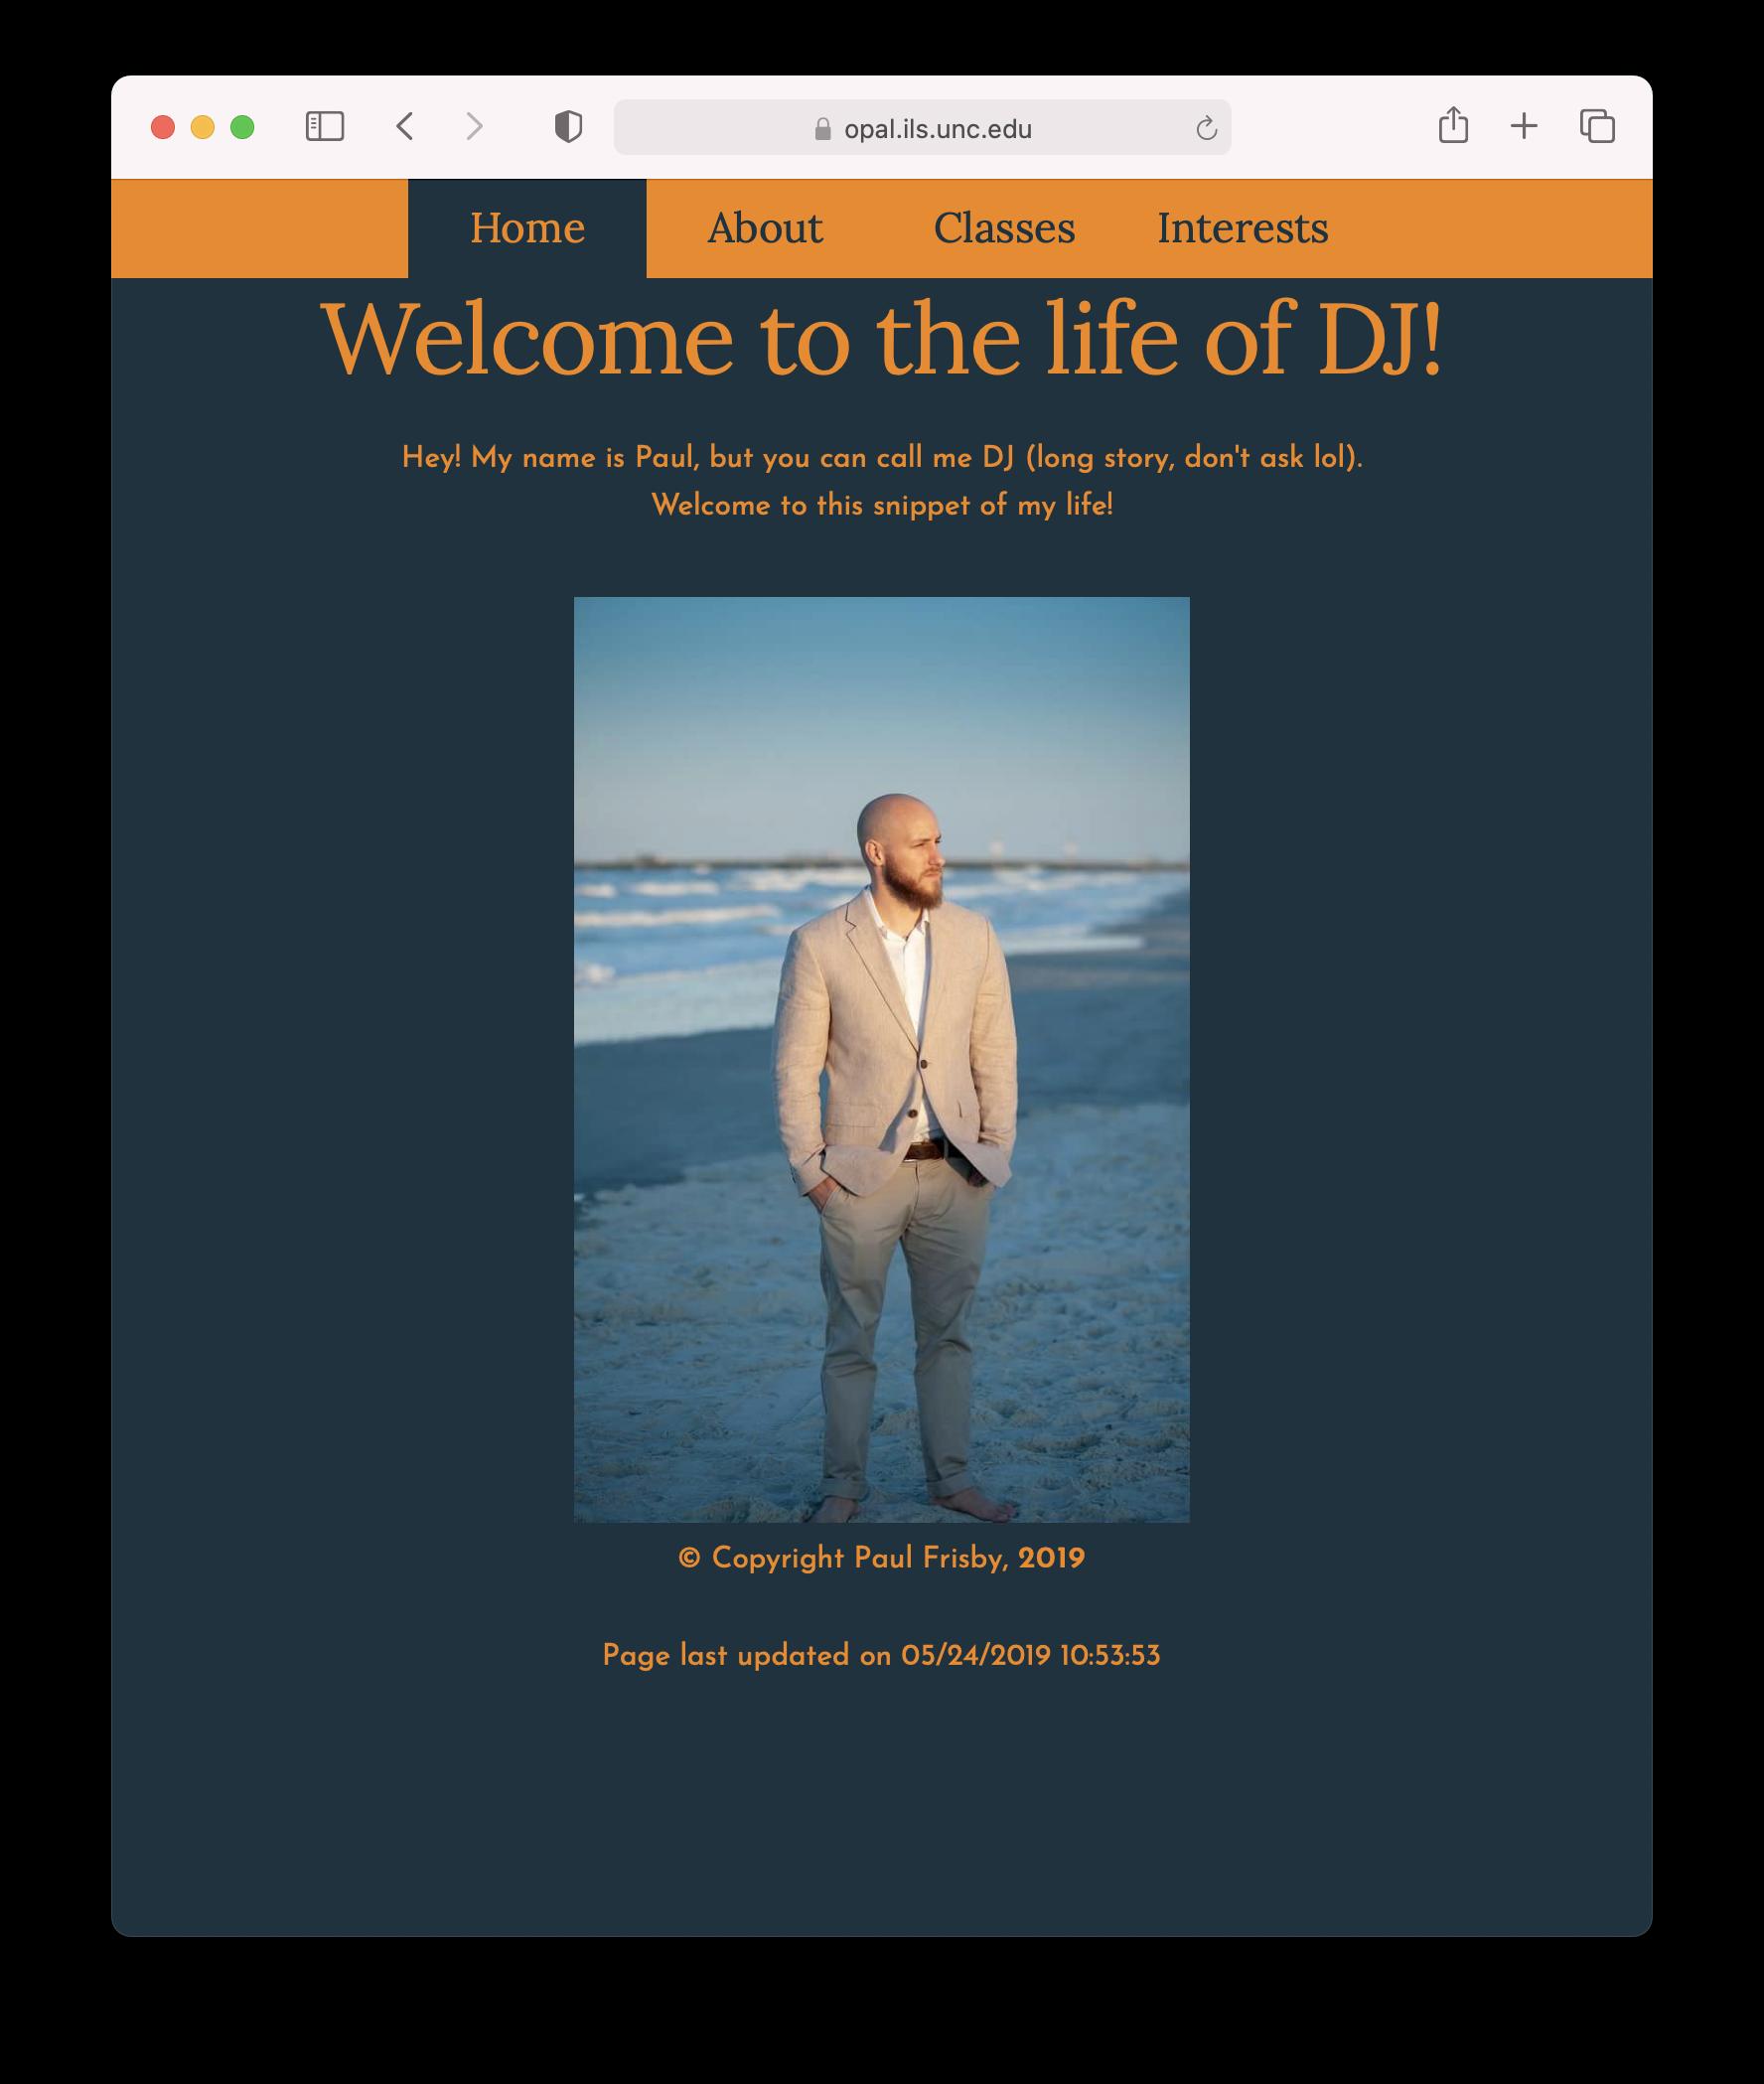 Screenshot of DJ's website